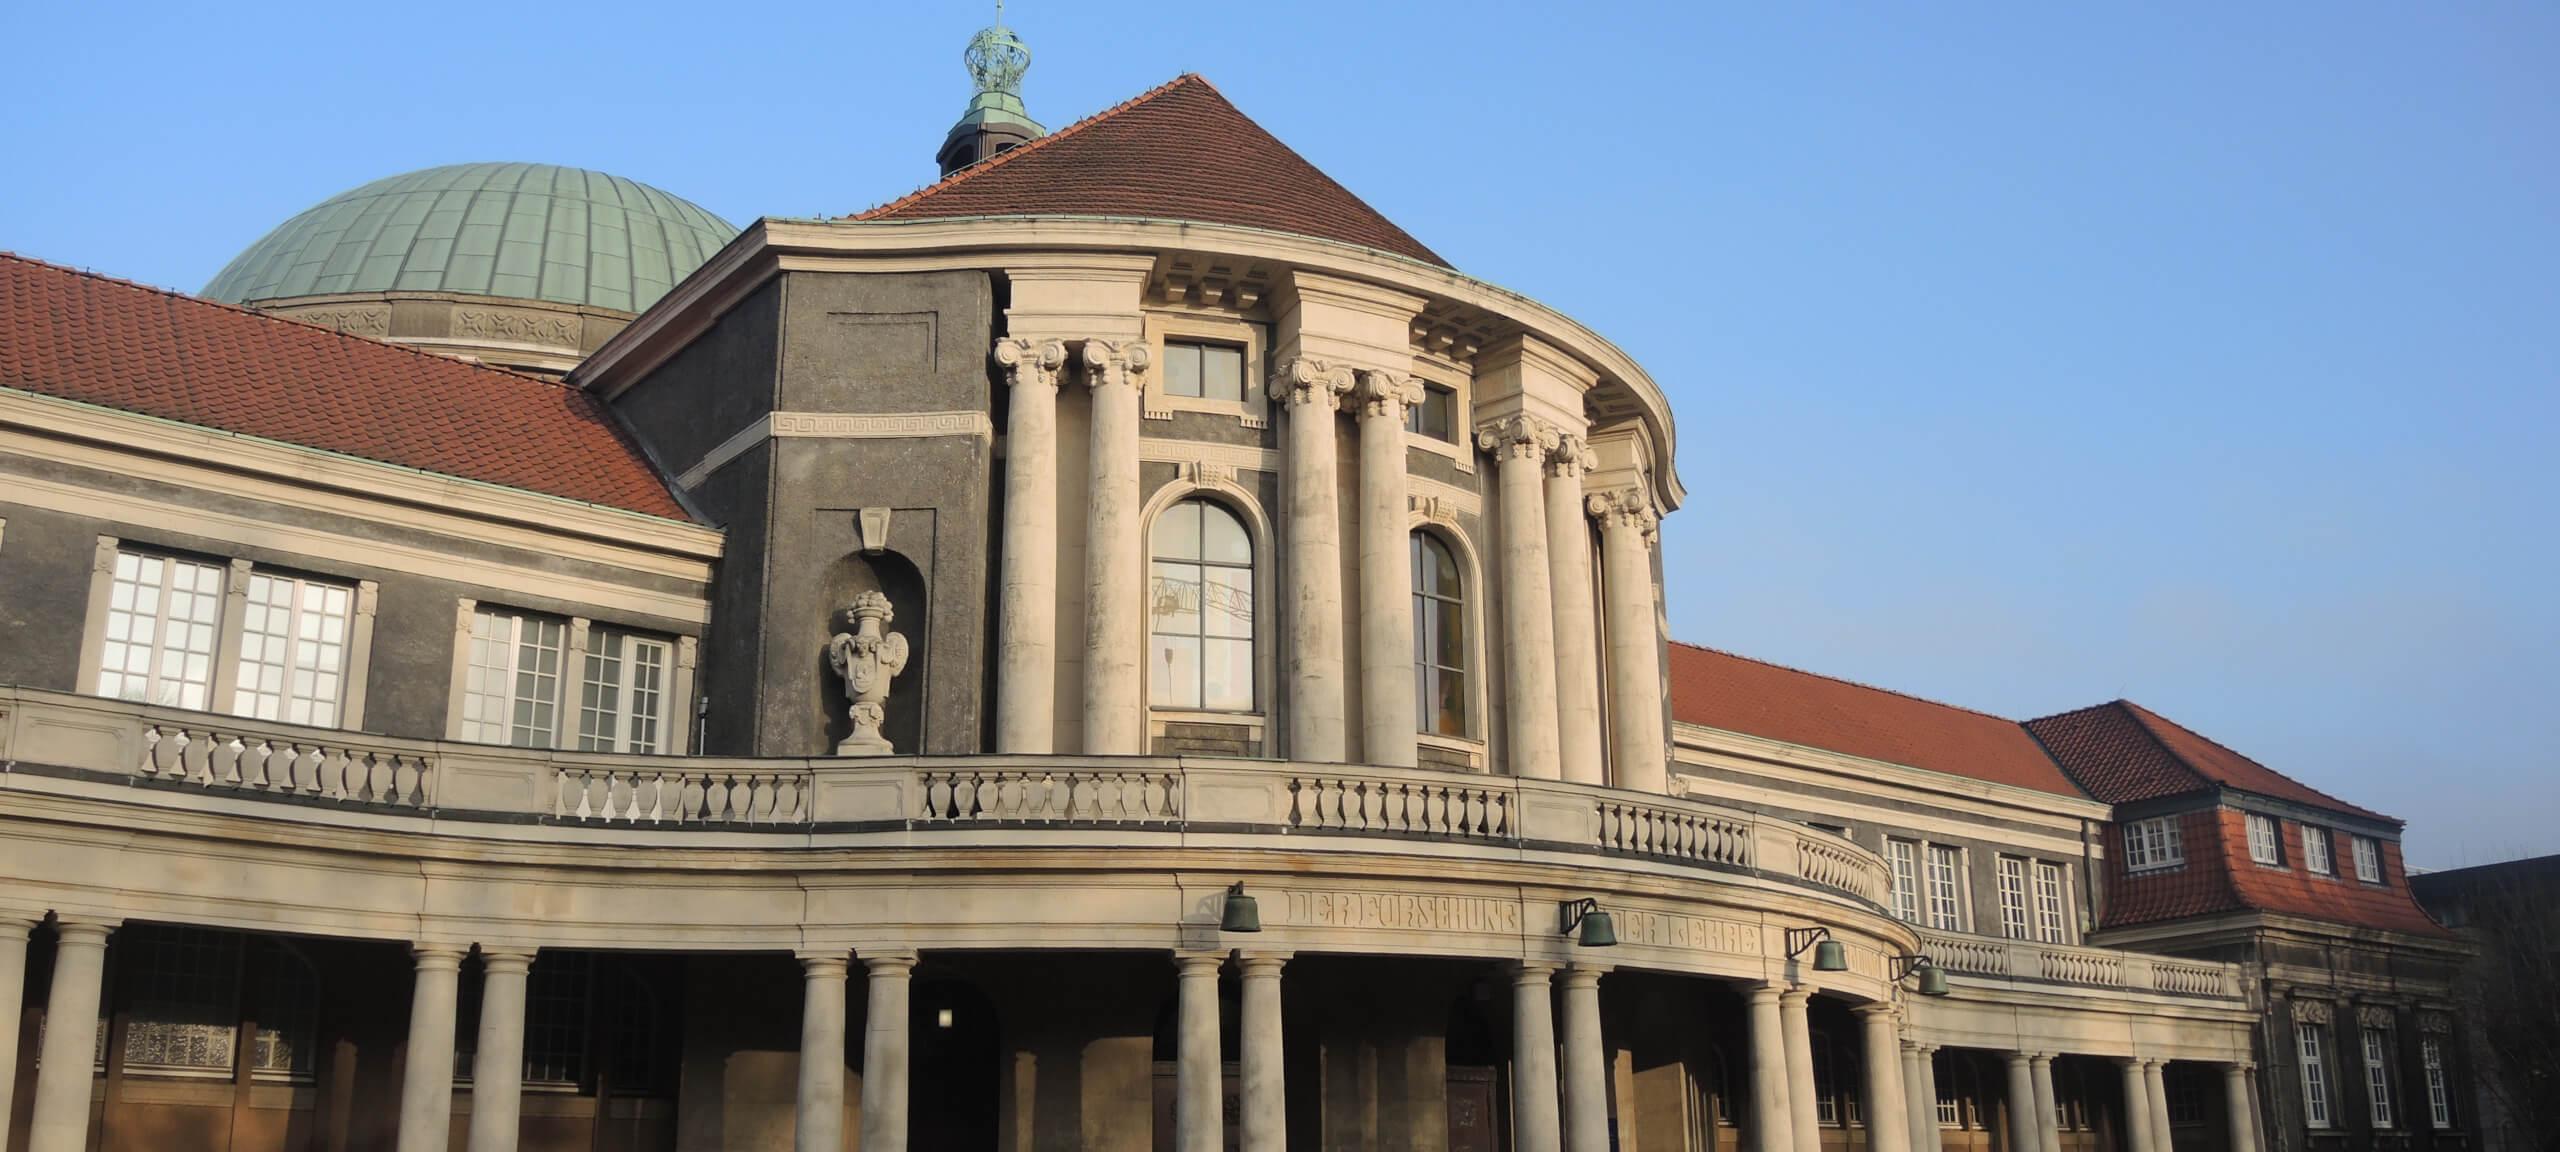 Uni Hamburg Edmund Siemers Allee 1